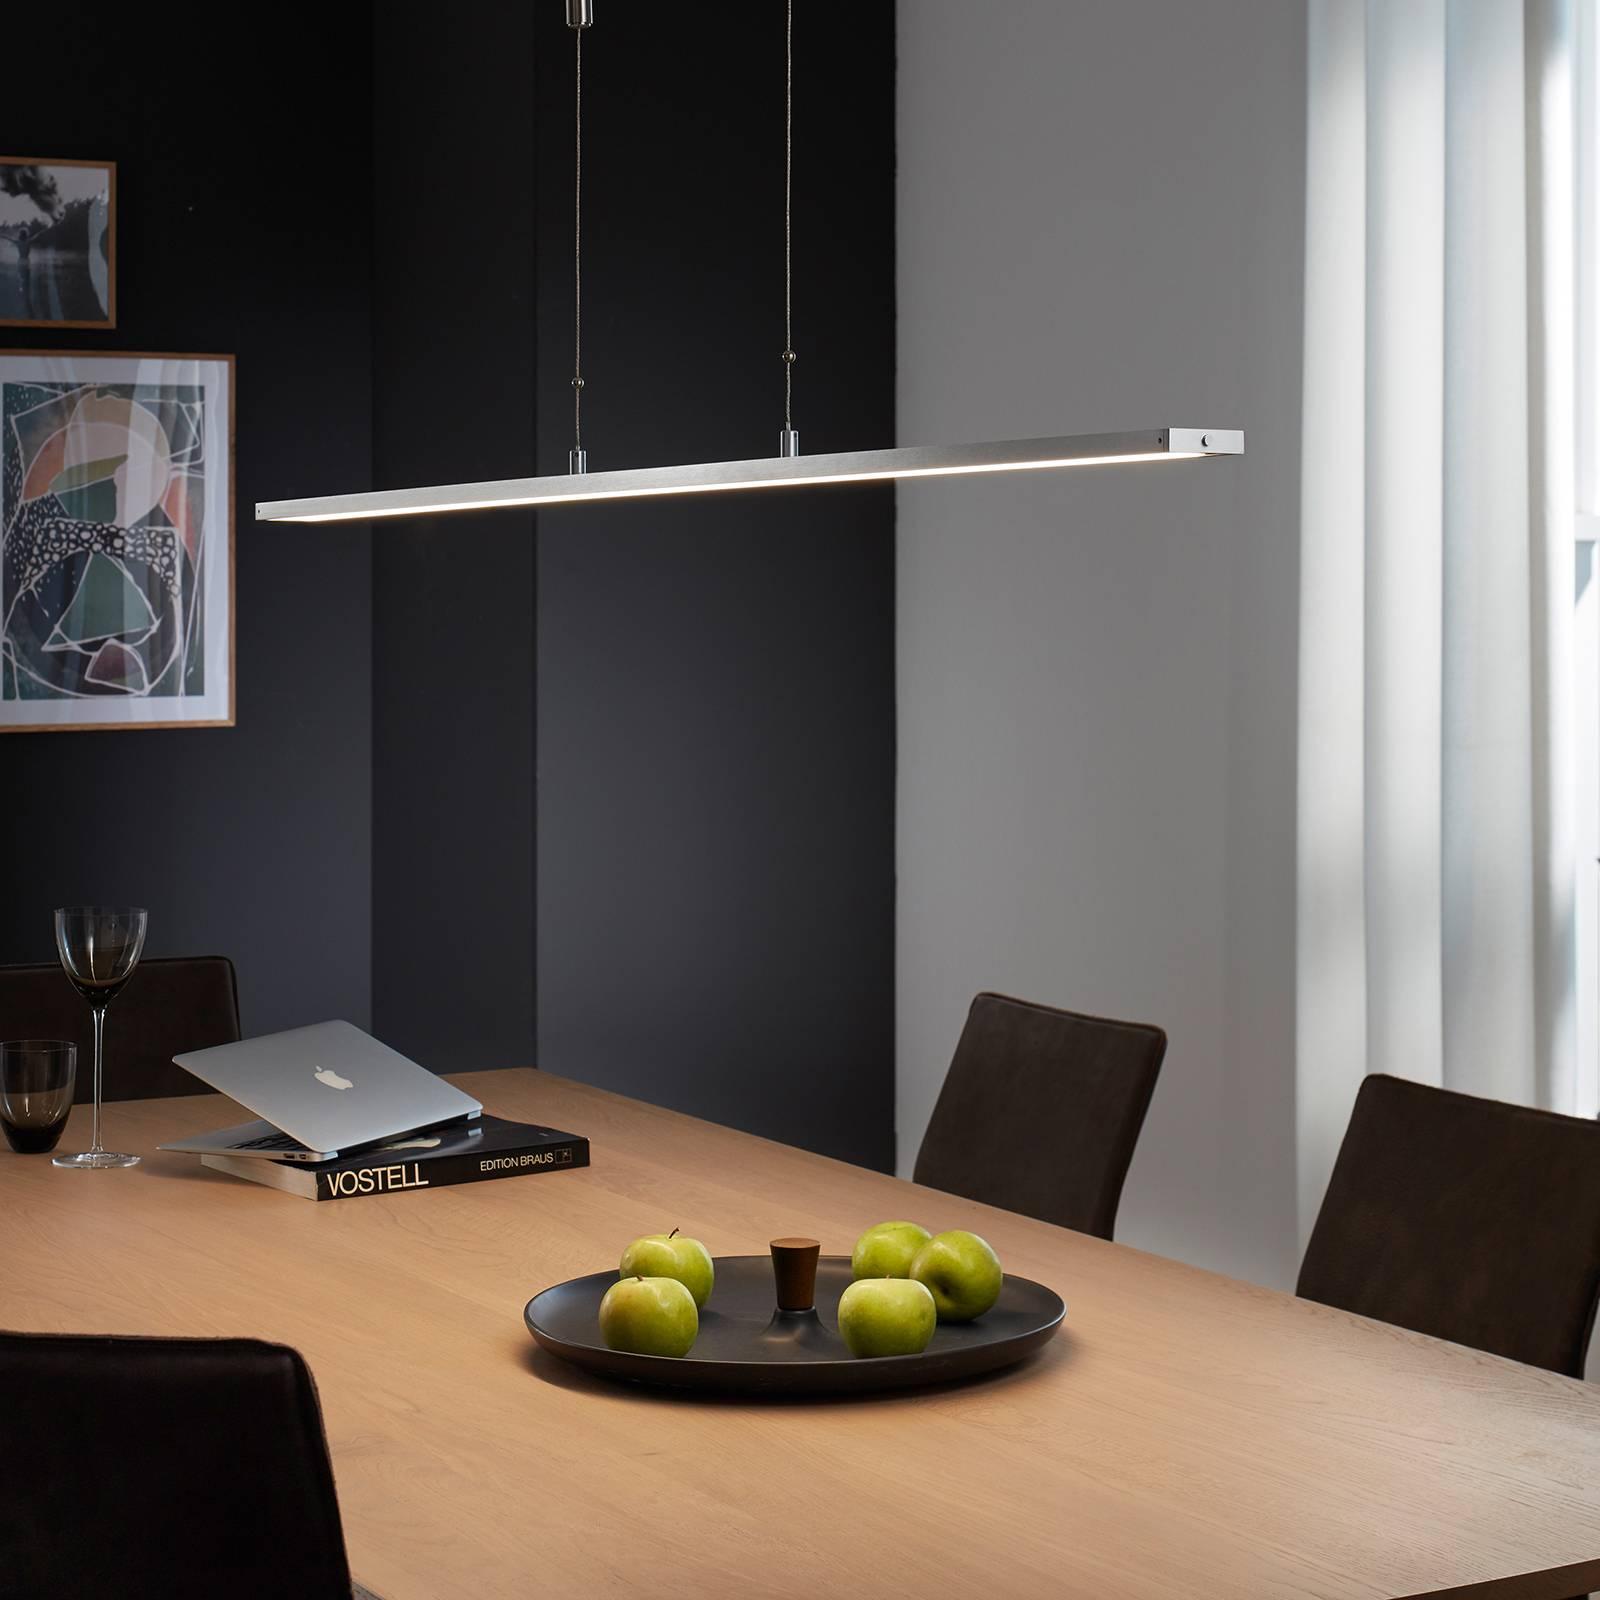 LED-riippuvalaisin Metz painikkeella, pituus 160cm